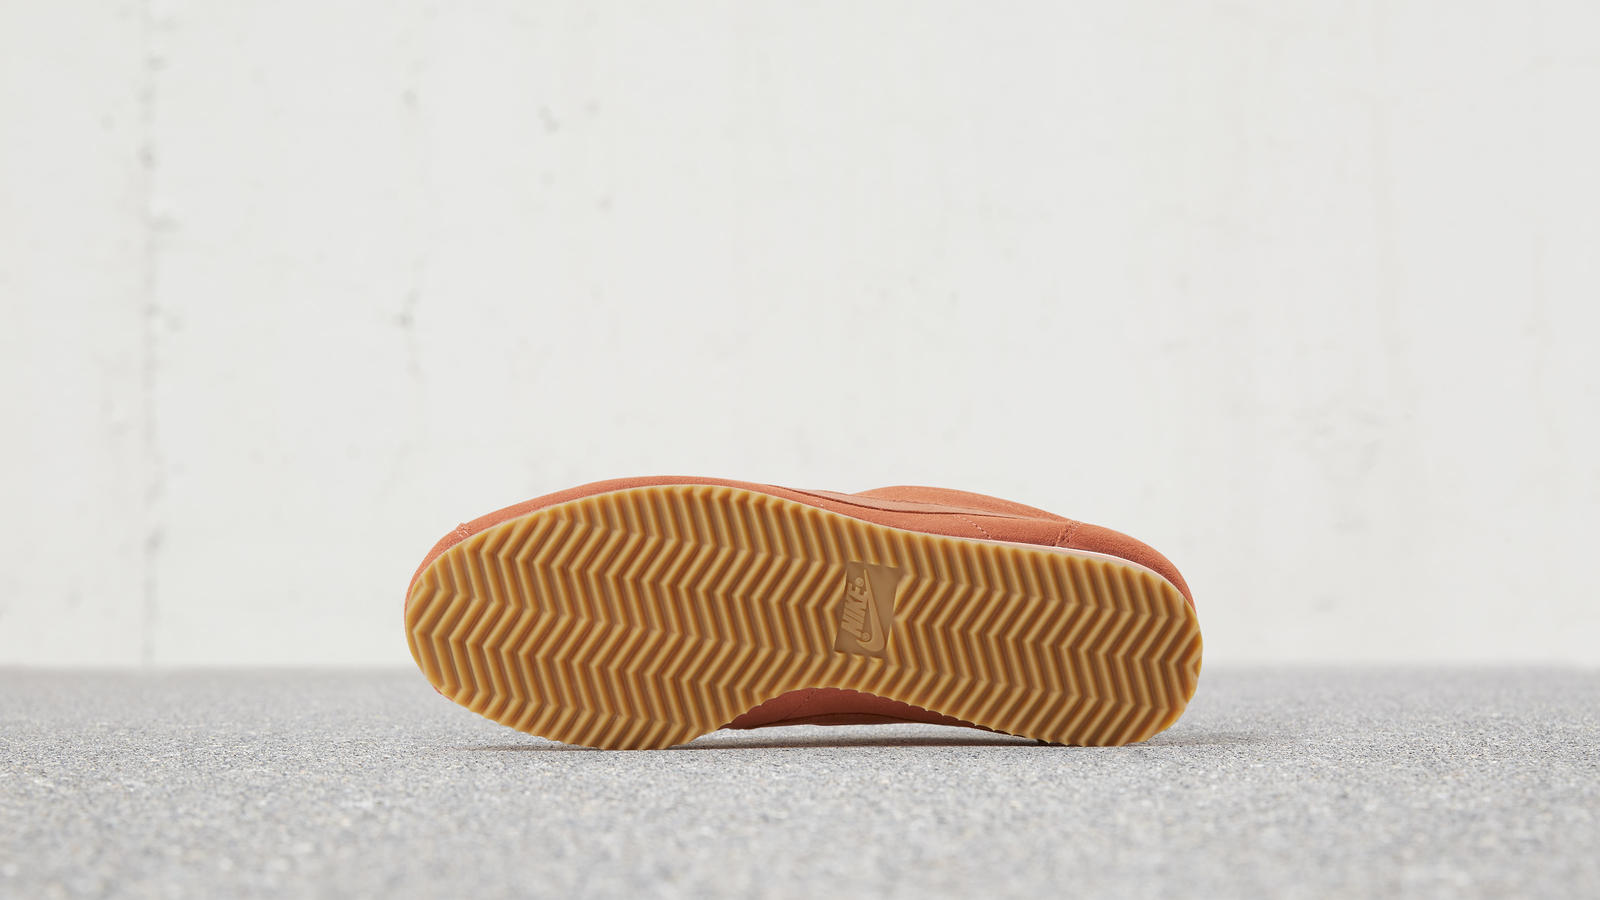 170519 footwear cortez alc pnk 0073 hd 1600